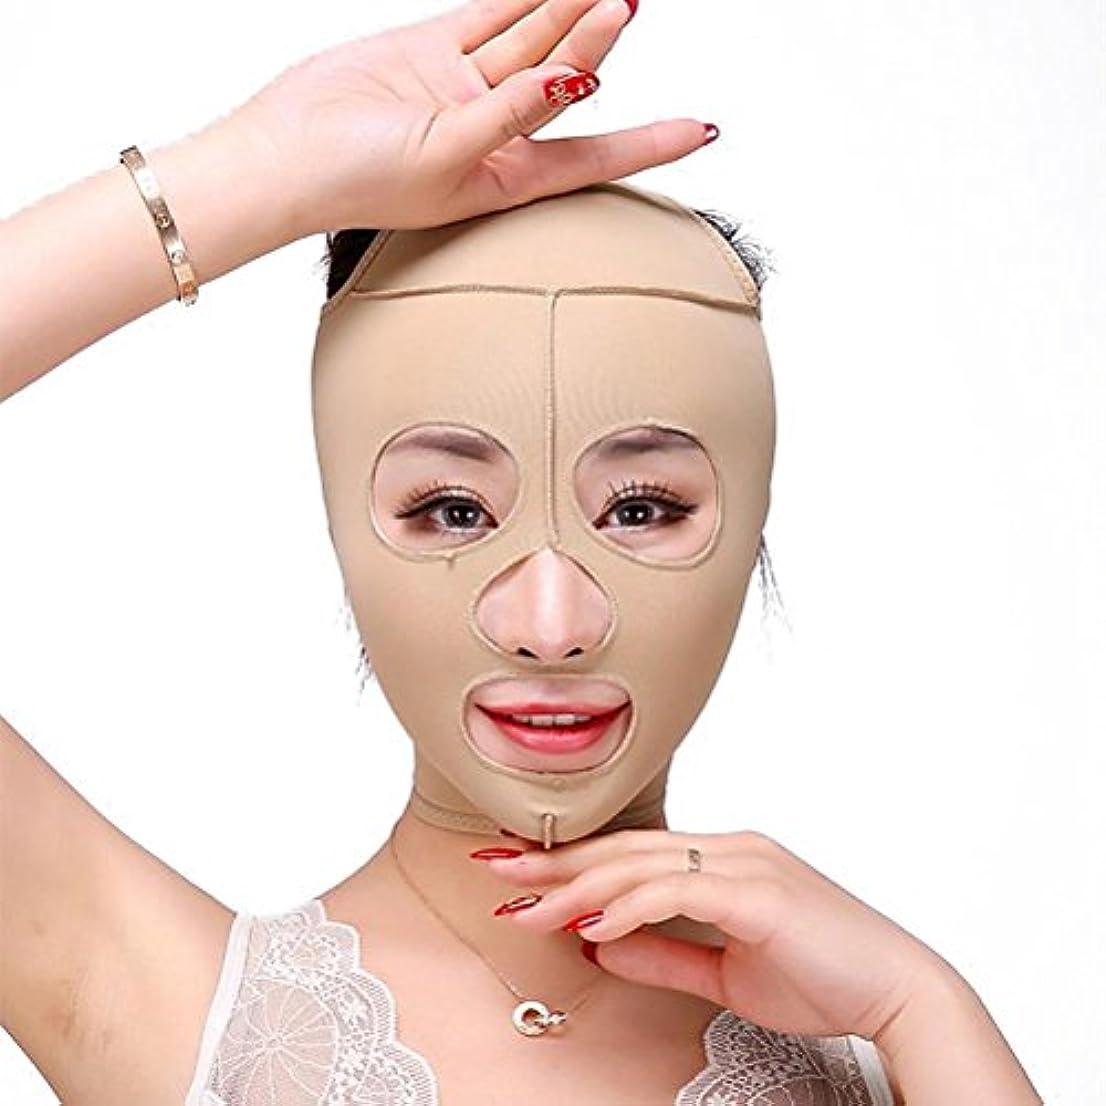 競うペニー市場Beaupretty スリムフェイスマスク弾性肌色包帯リフトアップチン痩身Vフェイスシェイパー